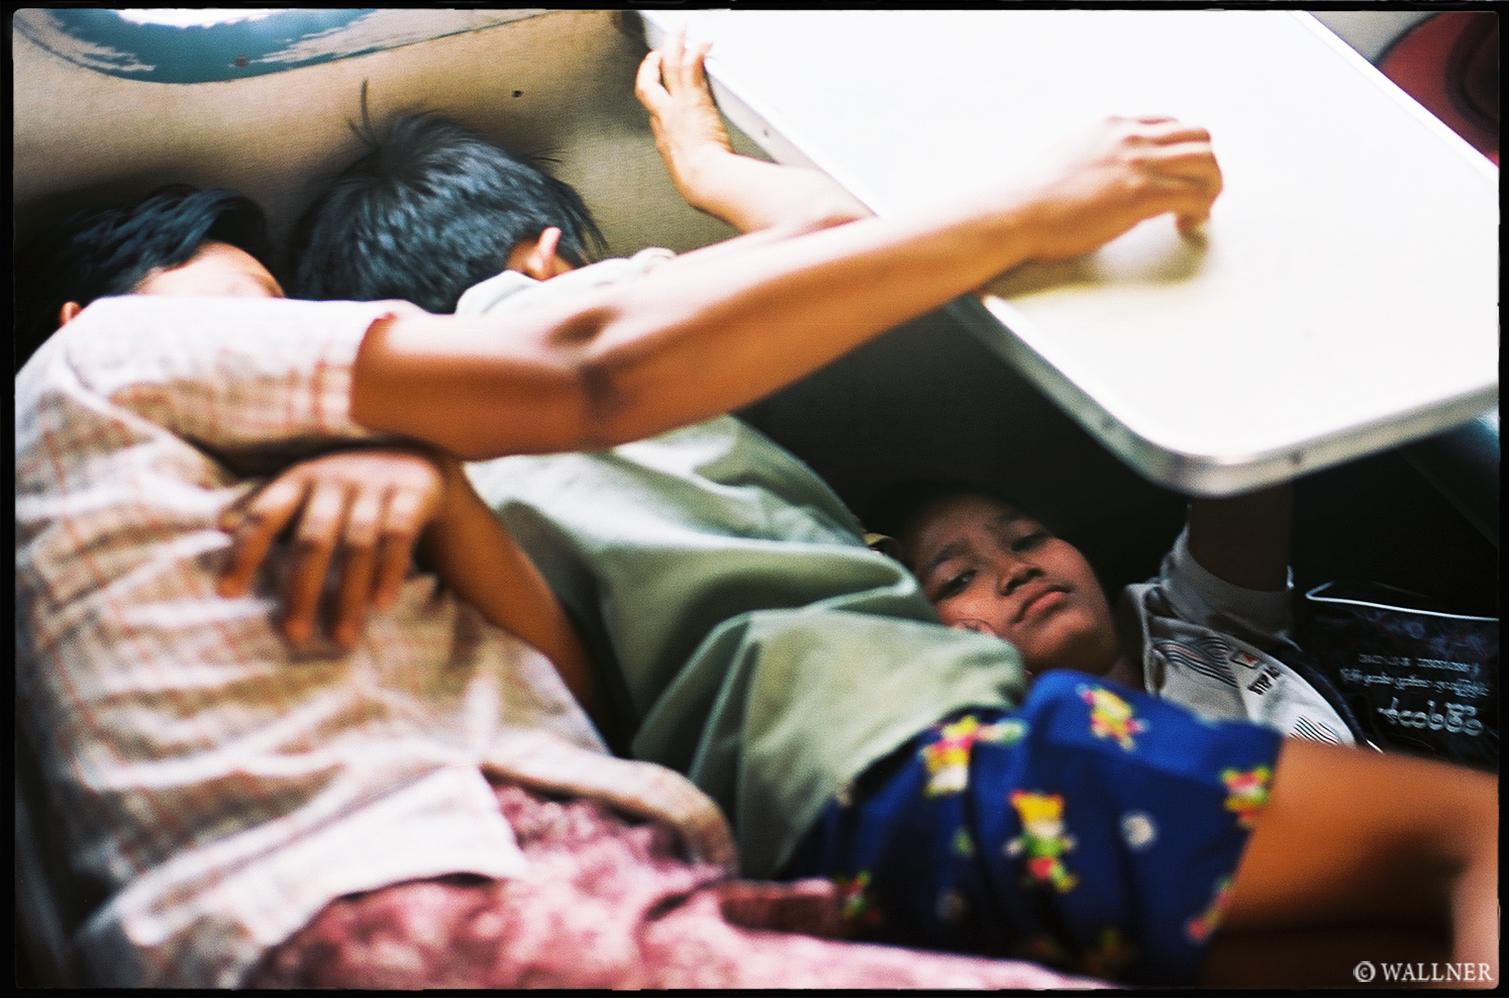 35mmPatrikWallner_Mandalay_SleepingUnderTableLOWQ